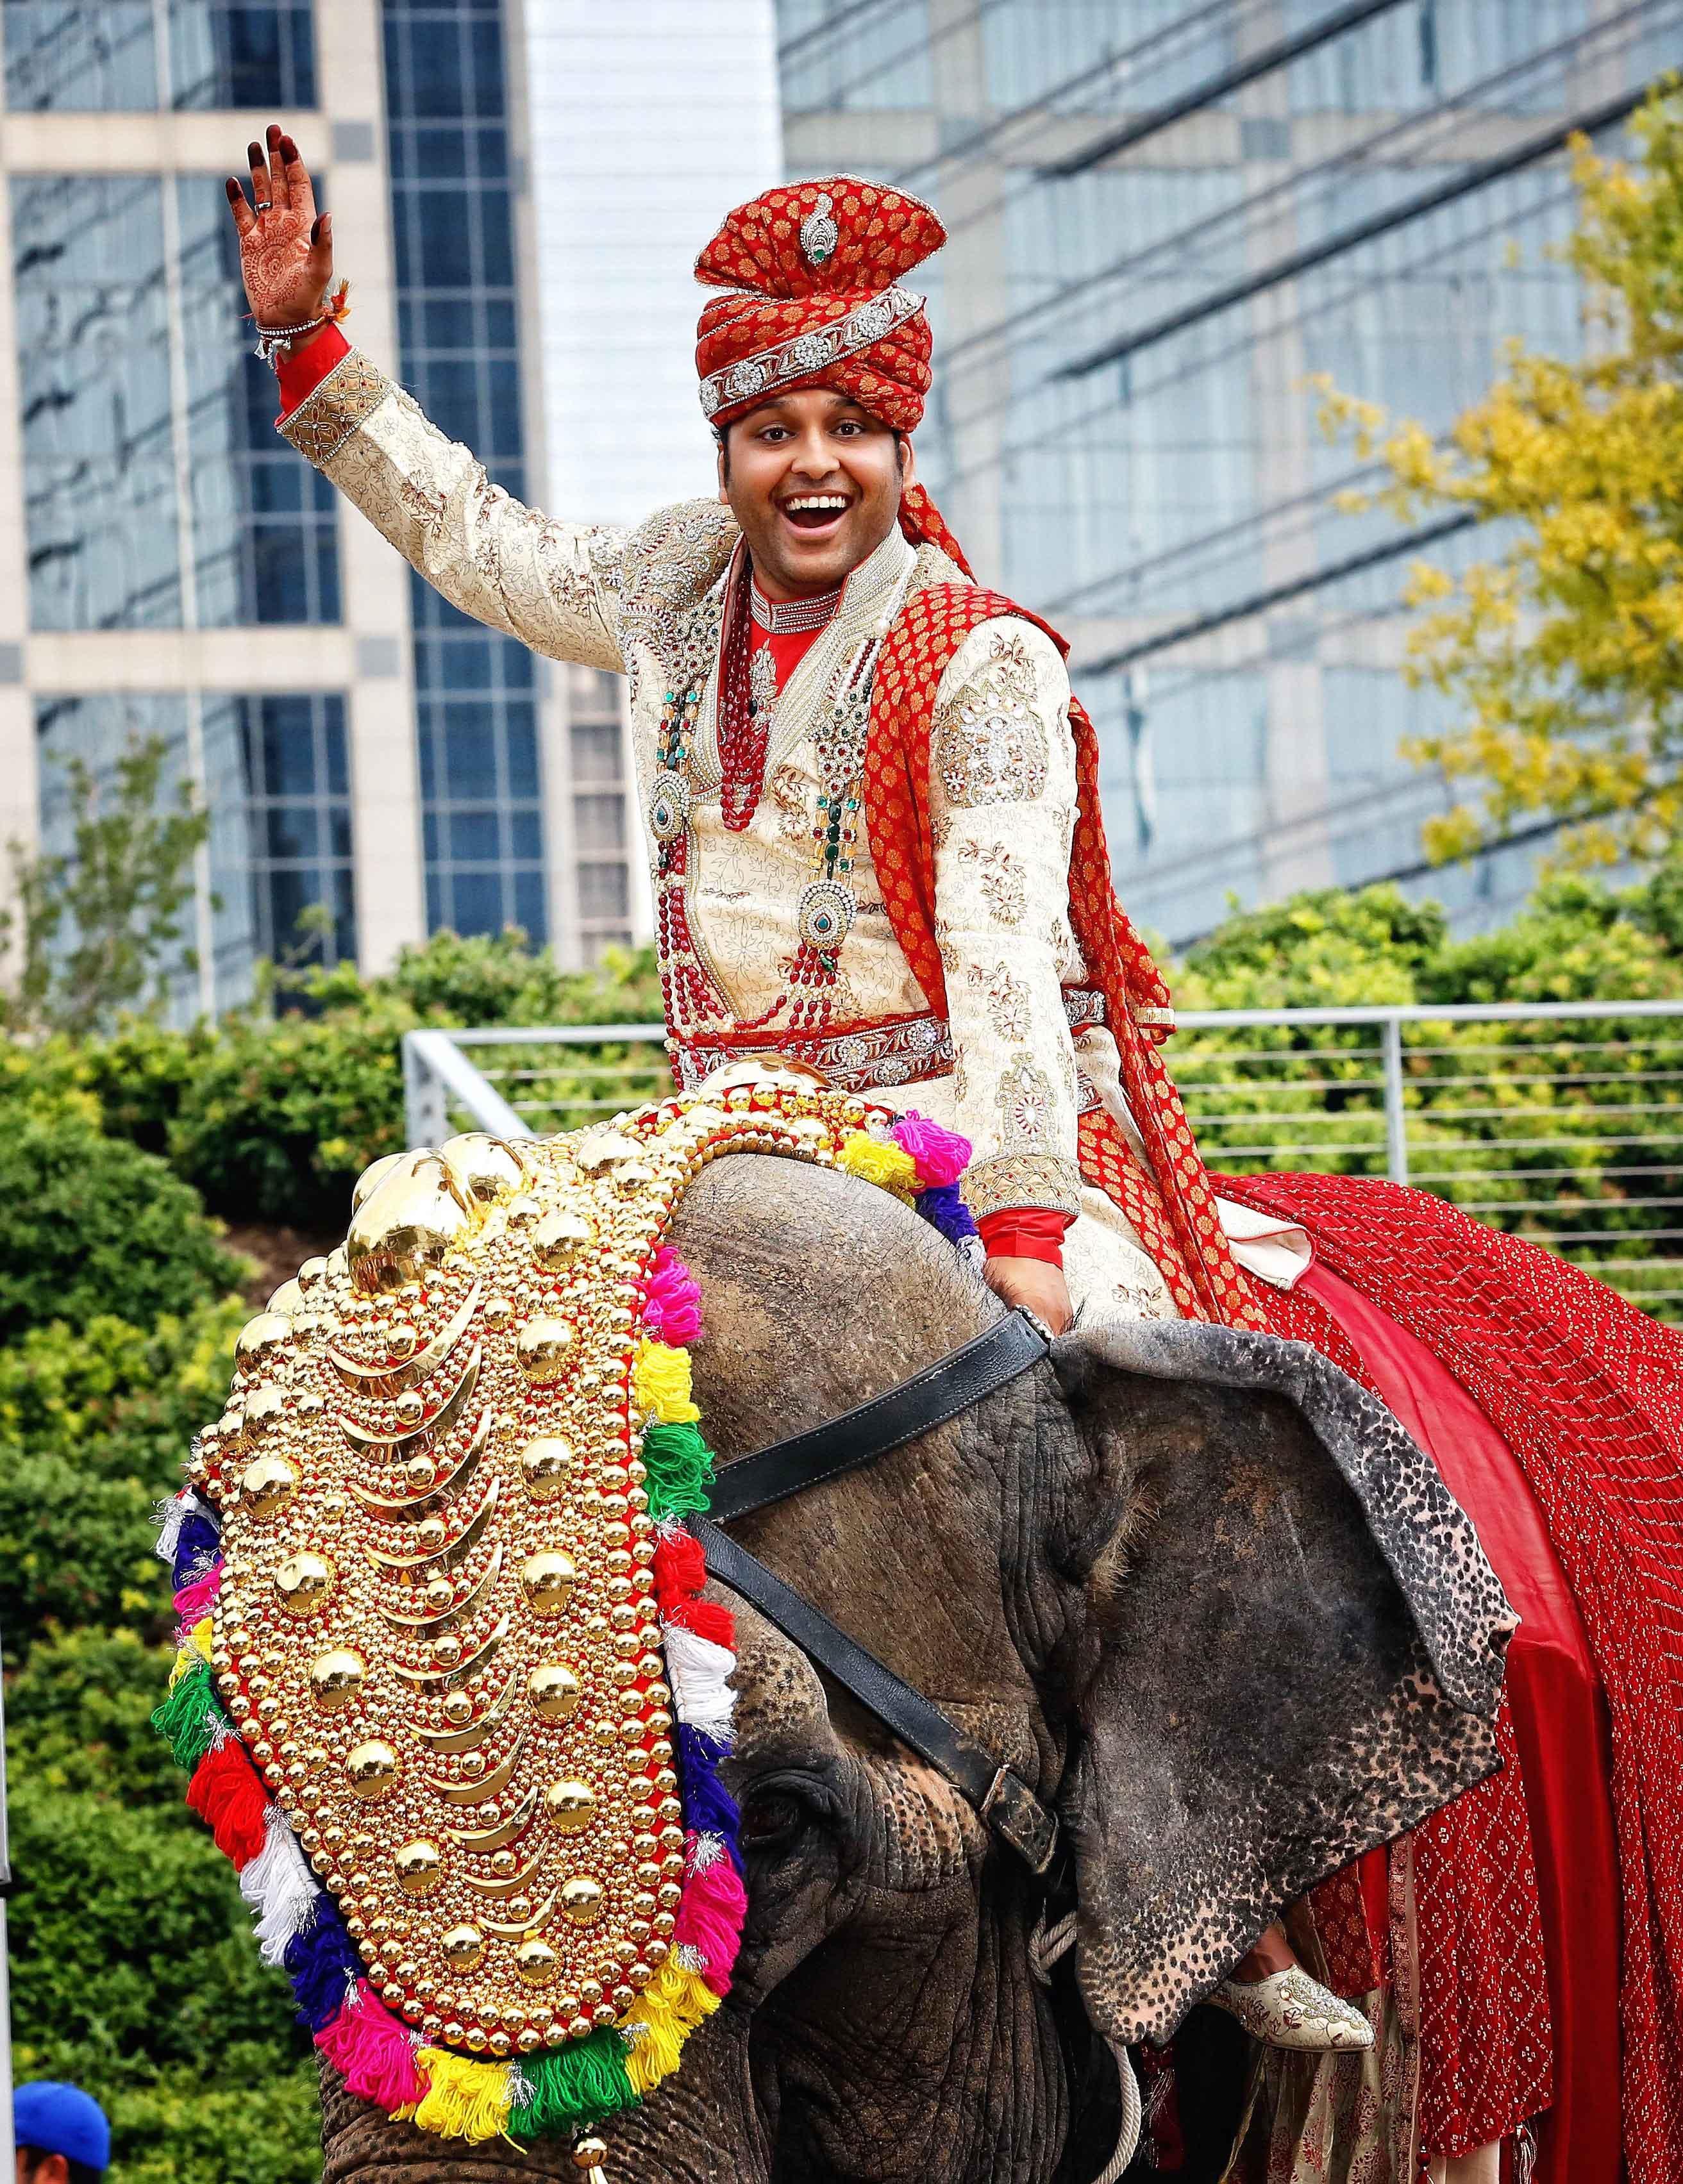 Groom on top of elephant Indian wedding